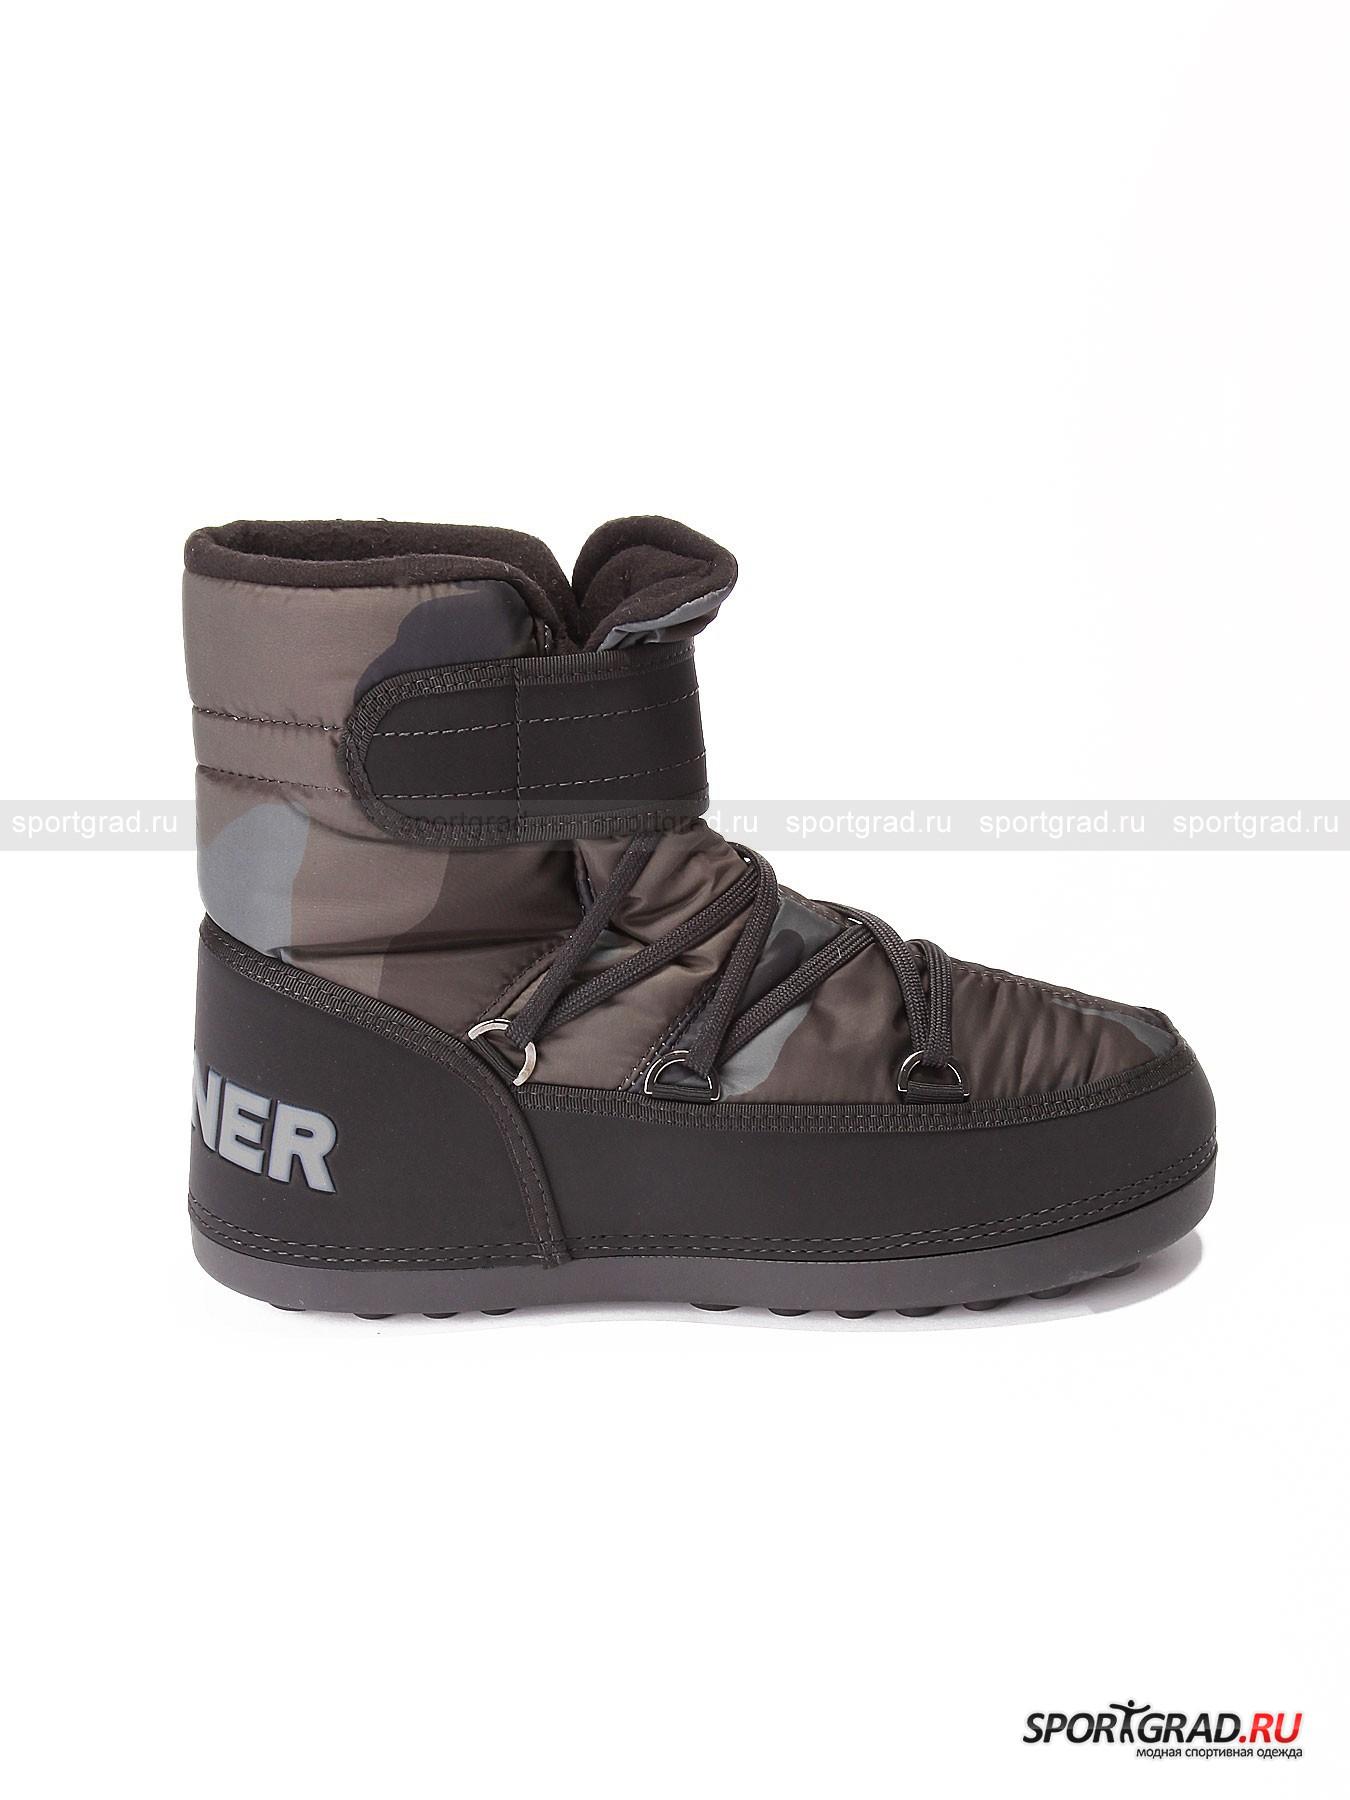 Мужские ботинки BOGNER Davos 3 27 от Спортград